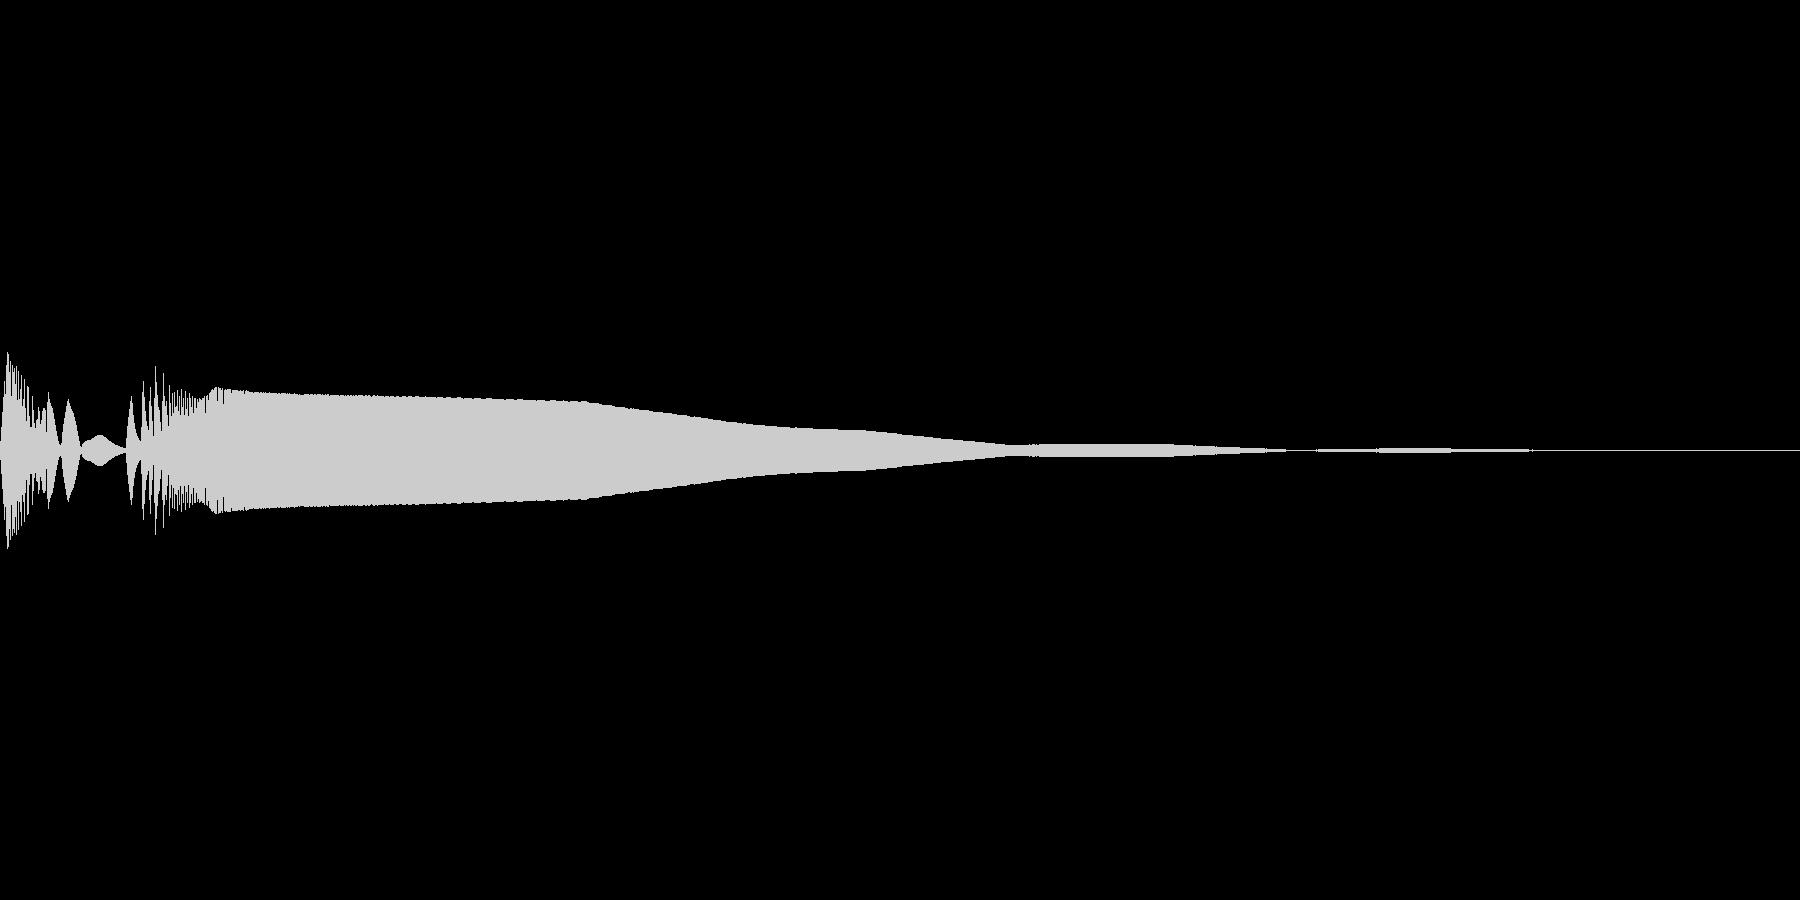 びっくりマークが頭上に現れる「グポーン」の未再生の波形